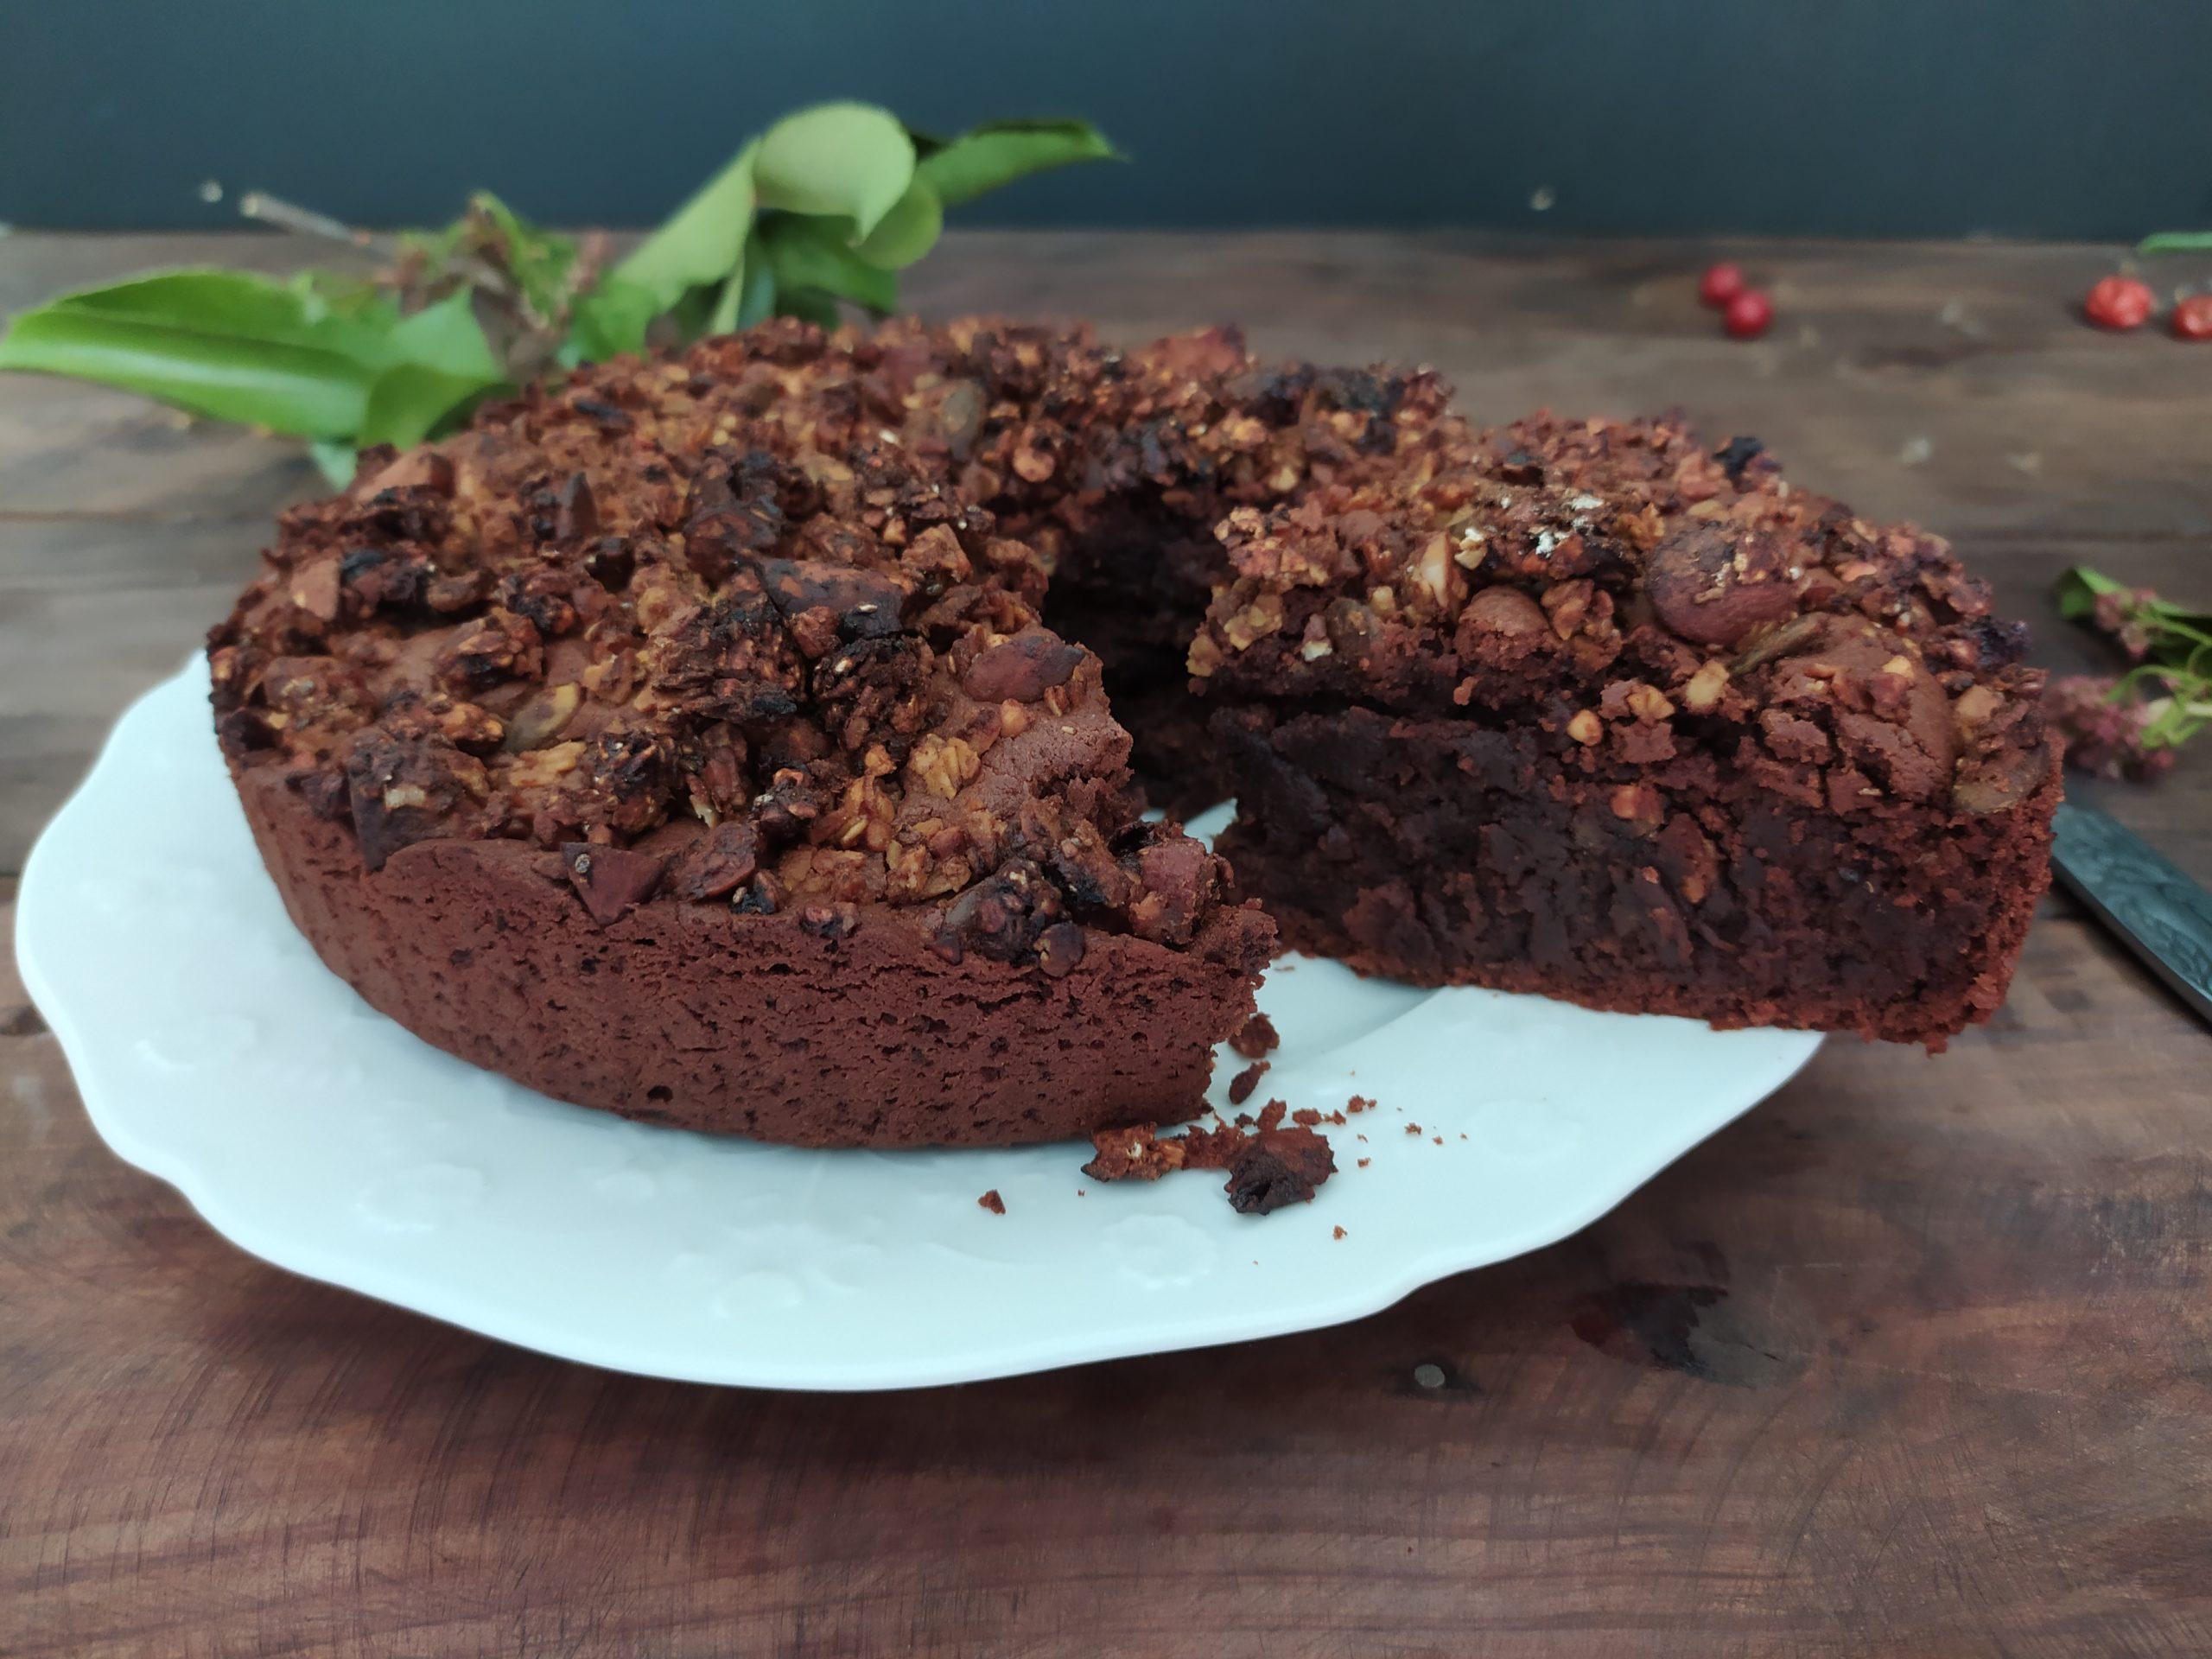 Gâteau au chocolat sans œuf et sans levure chimique